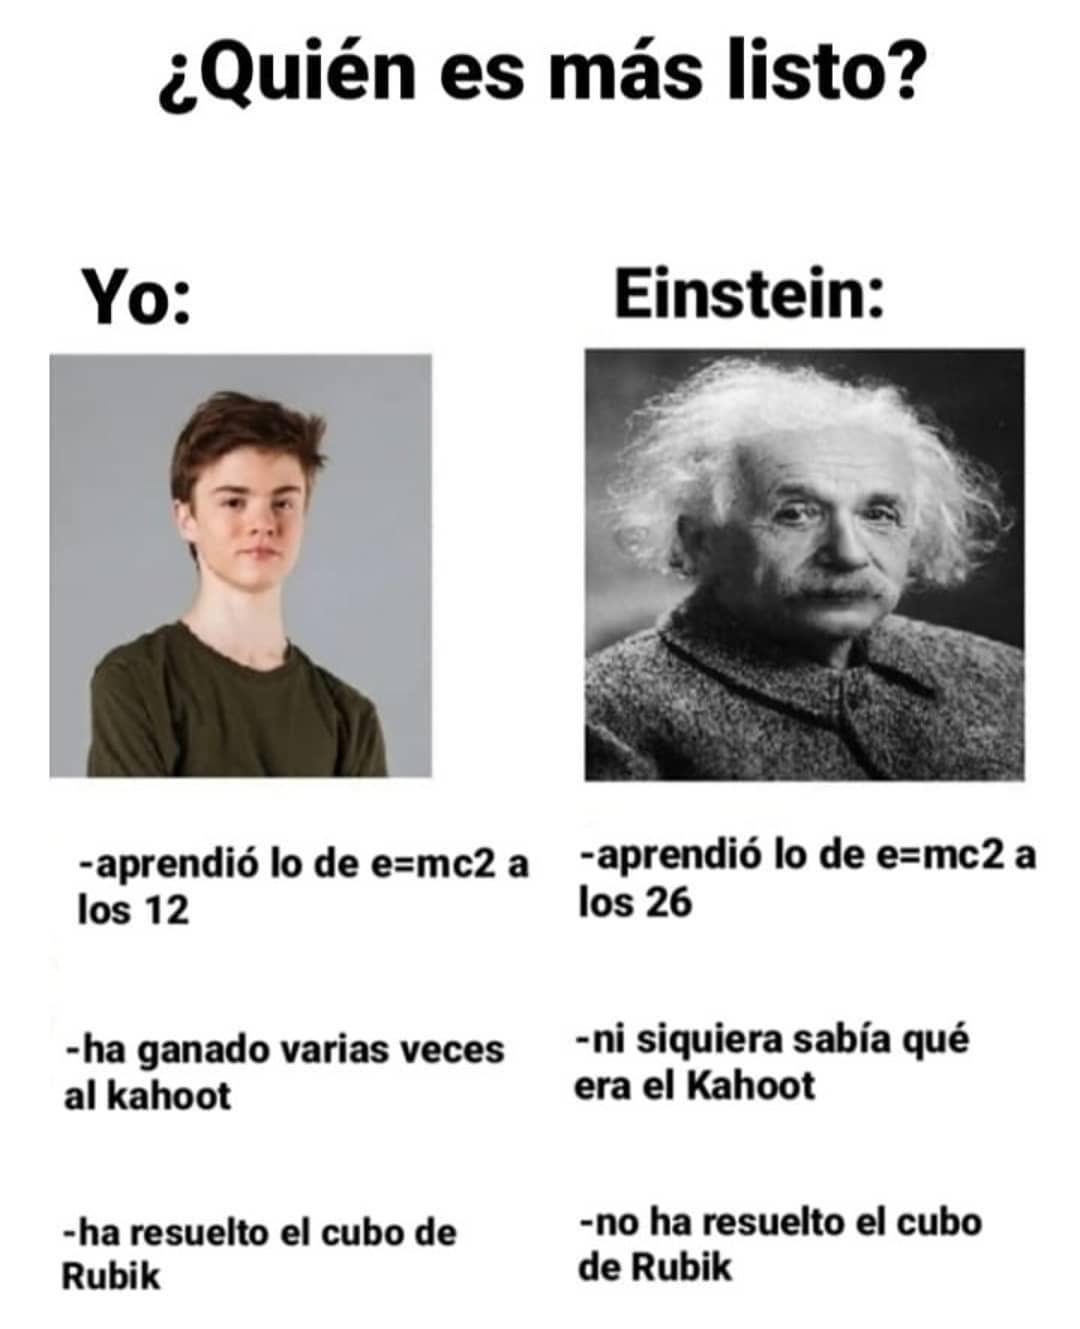 ¿Quién es más listo?